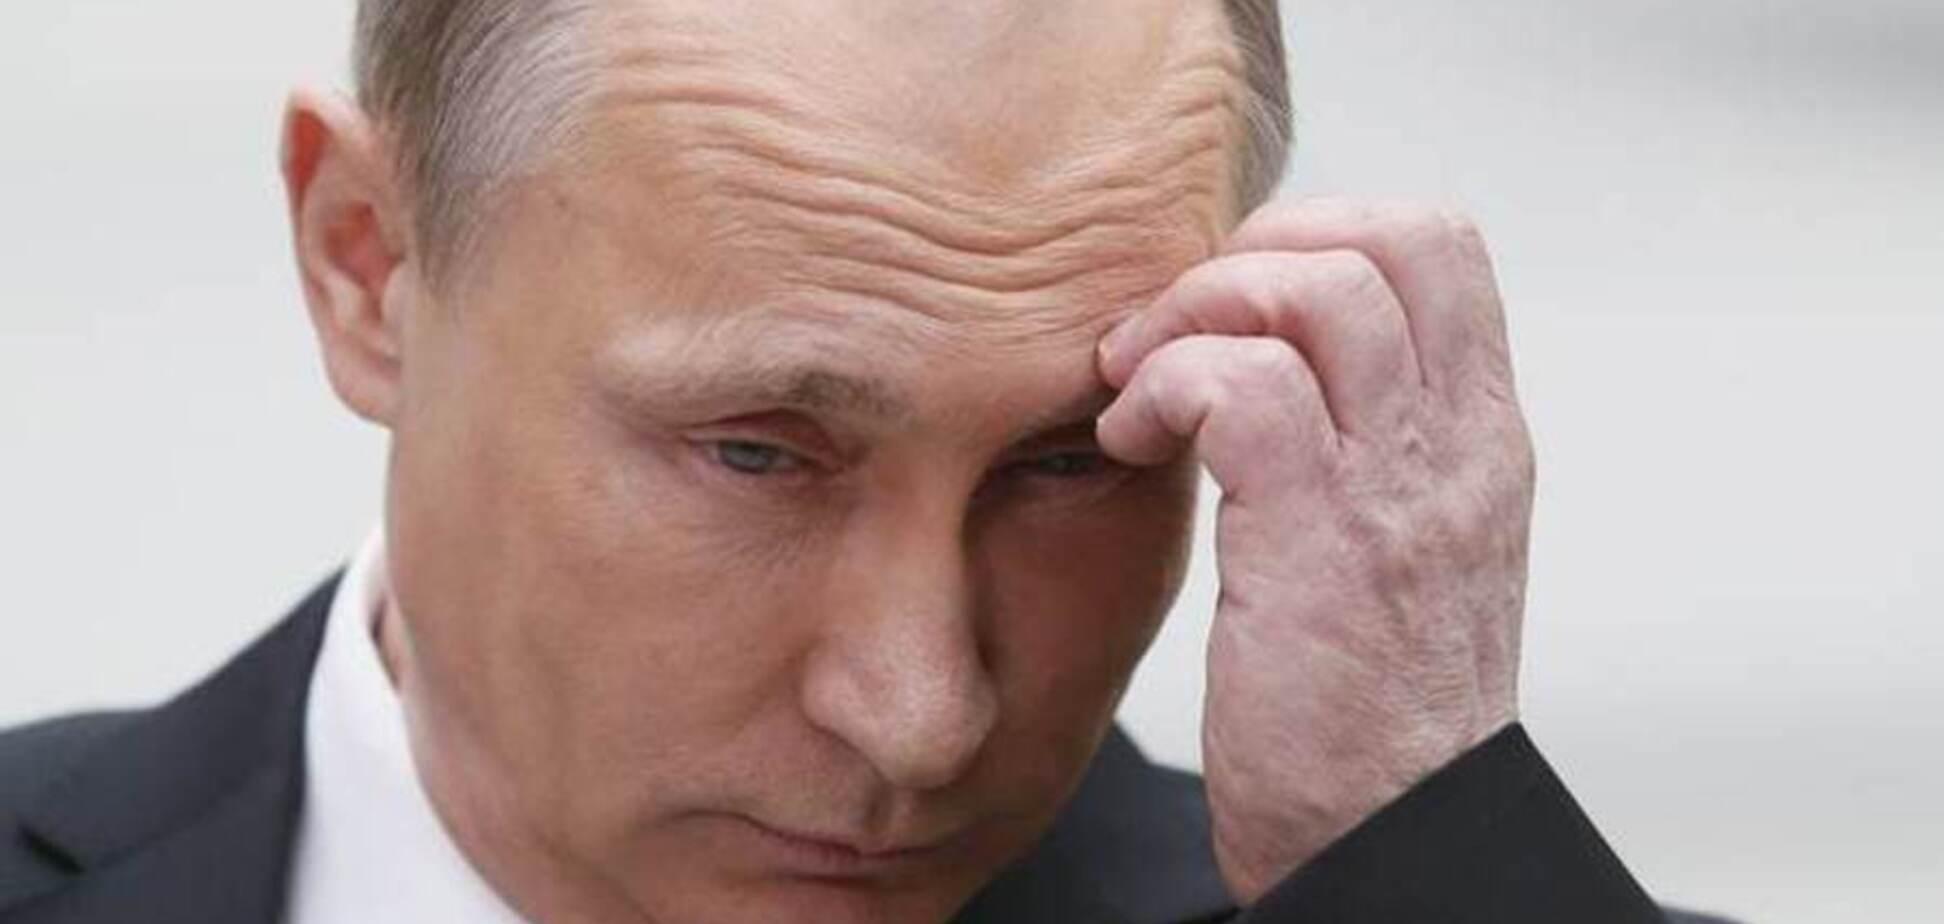 Пора делать ноги? Выяснился скандальный факт о чиновниках из окружения Путина